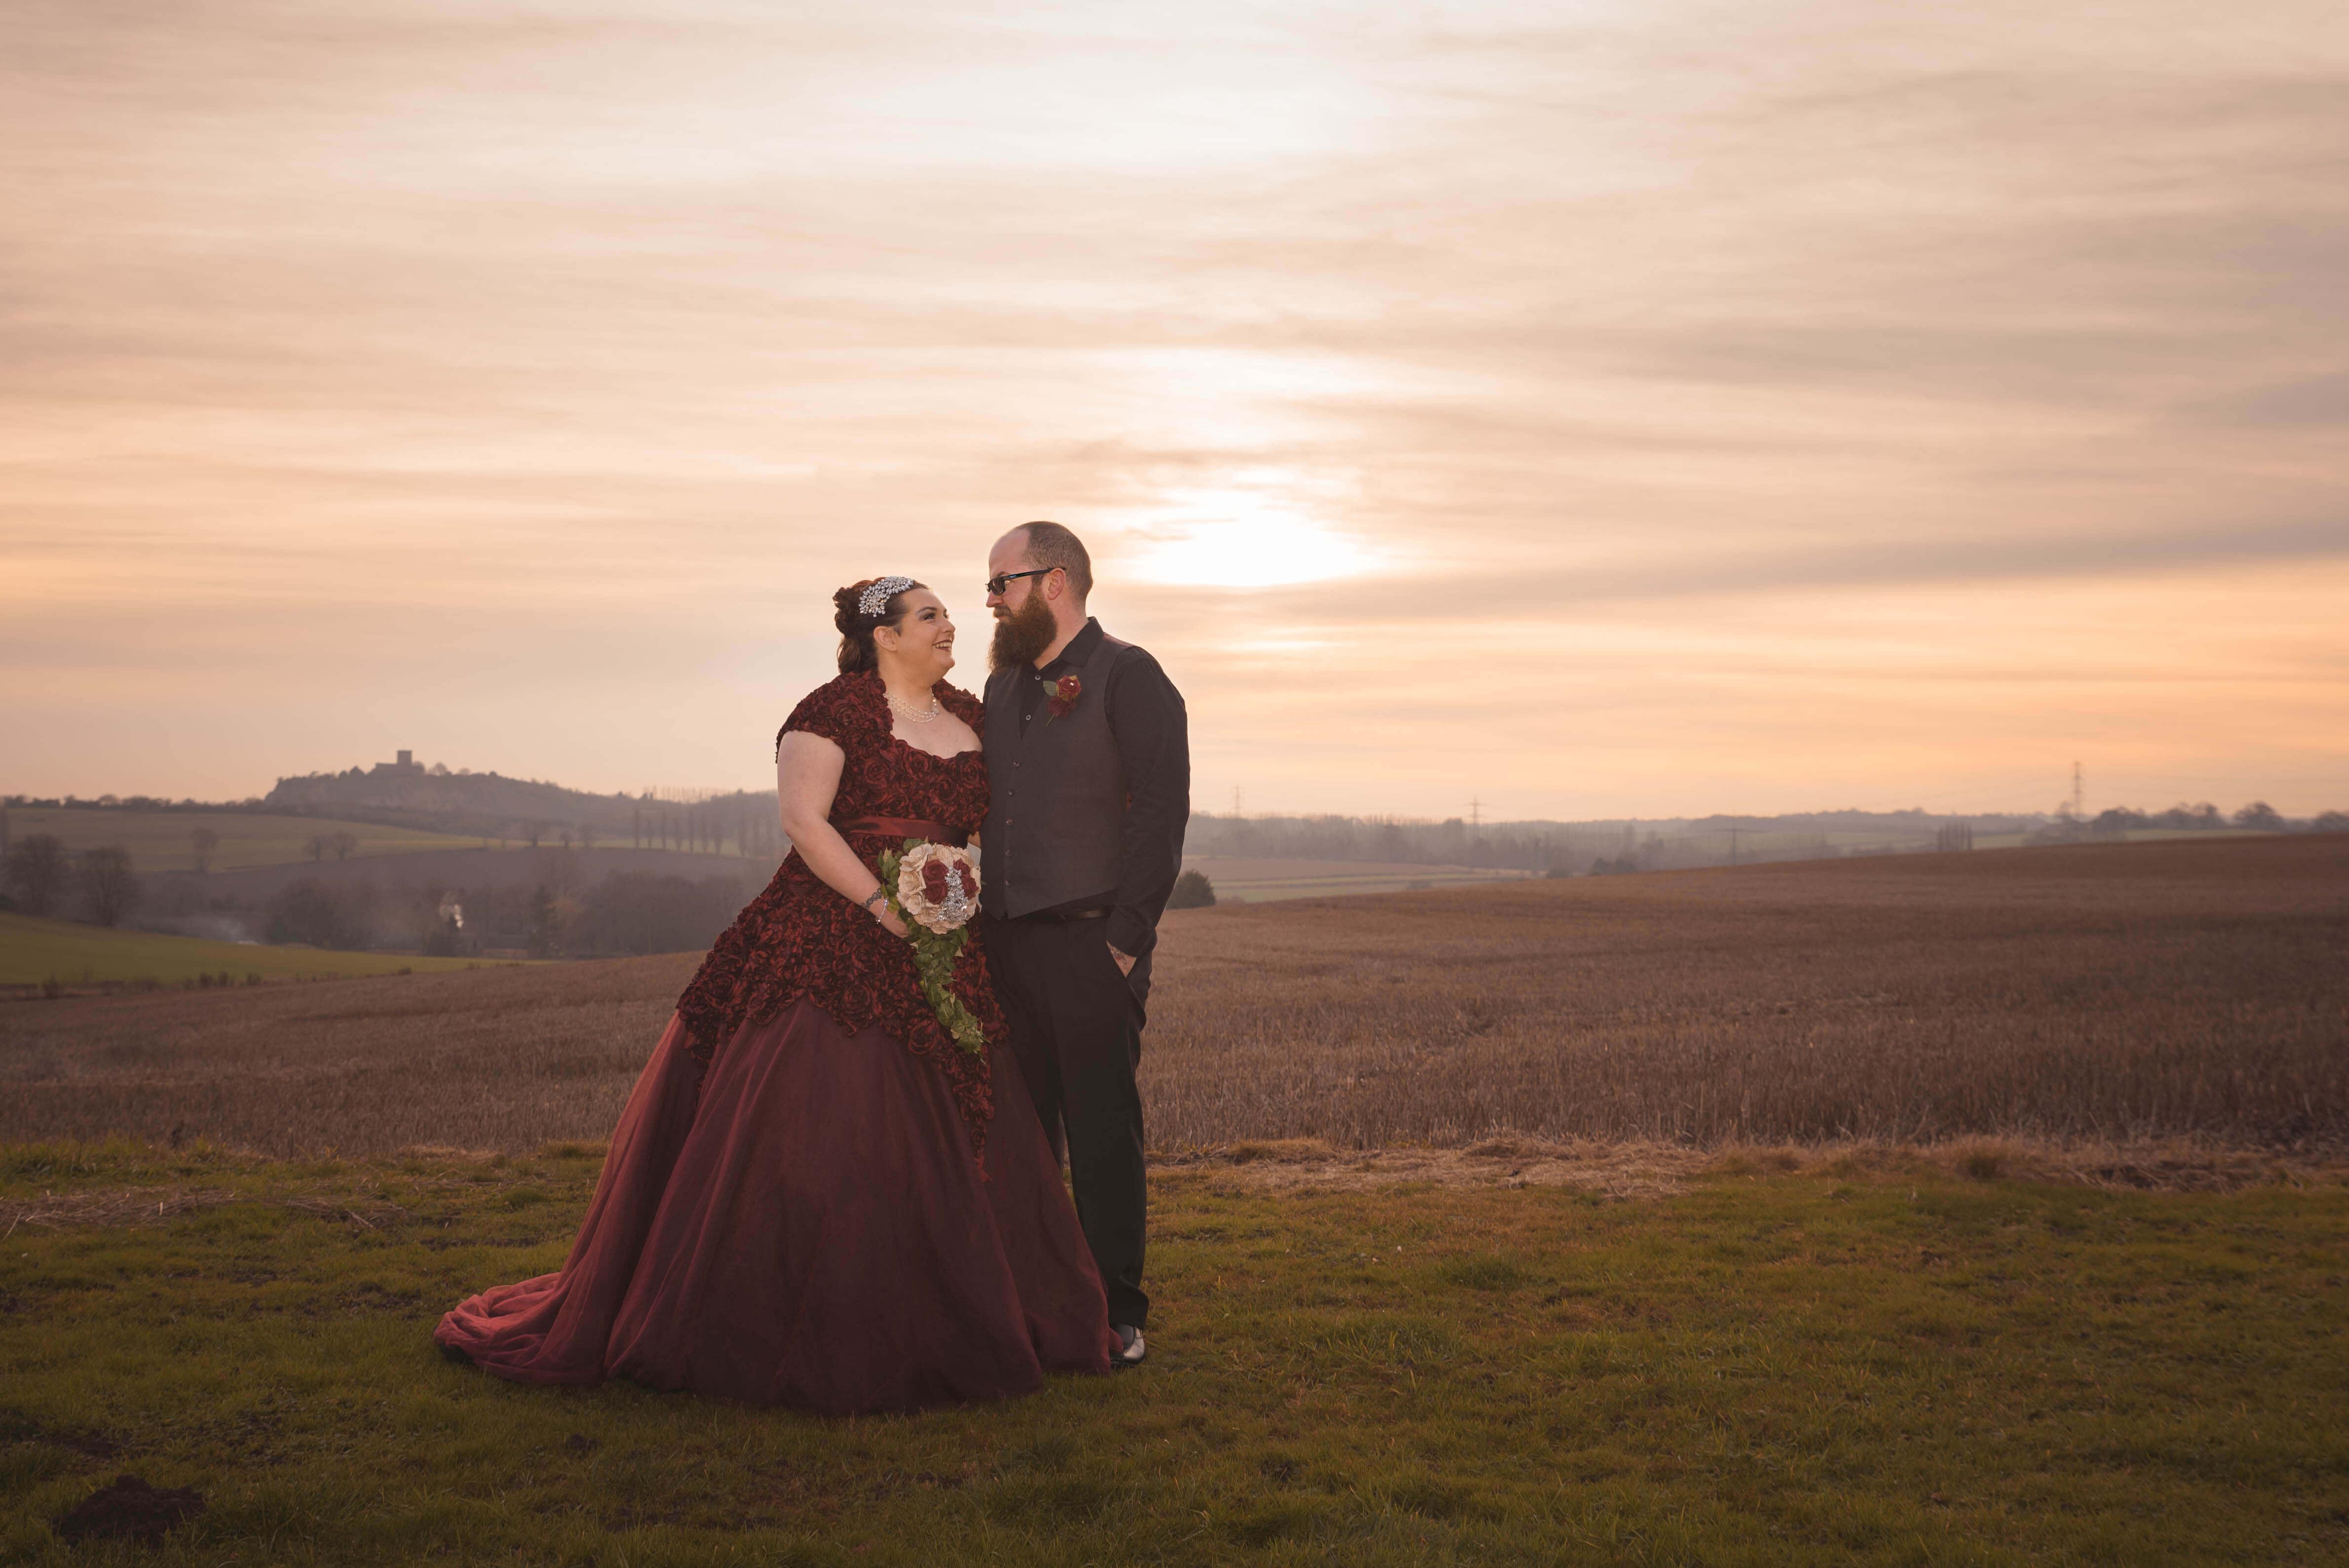 Donnington Park Farm Wedding 24 01 2017 12